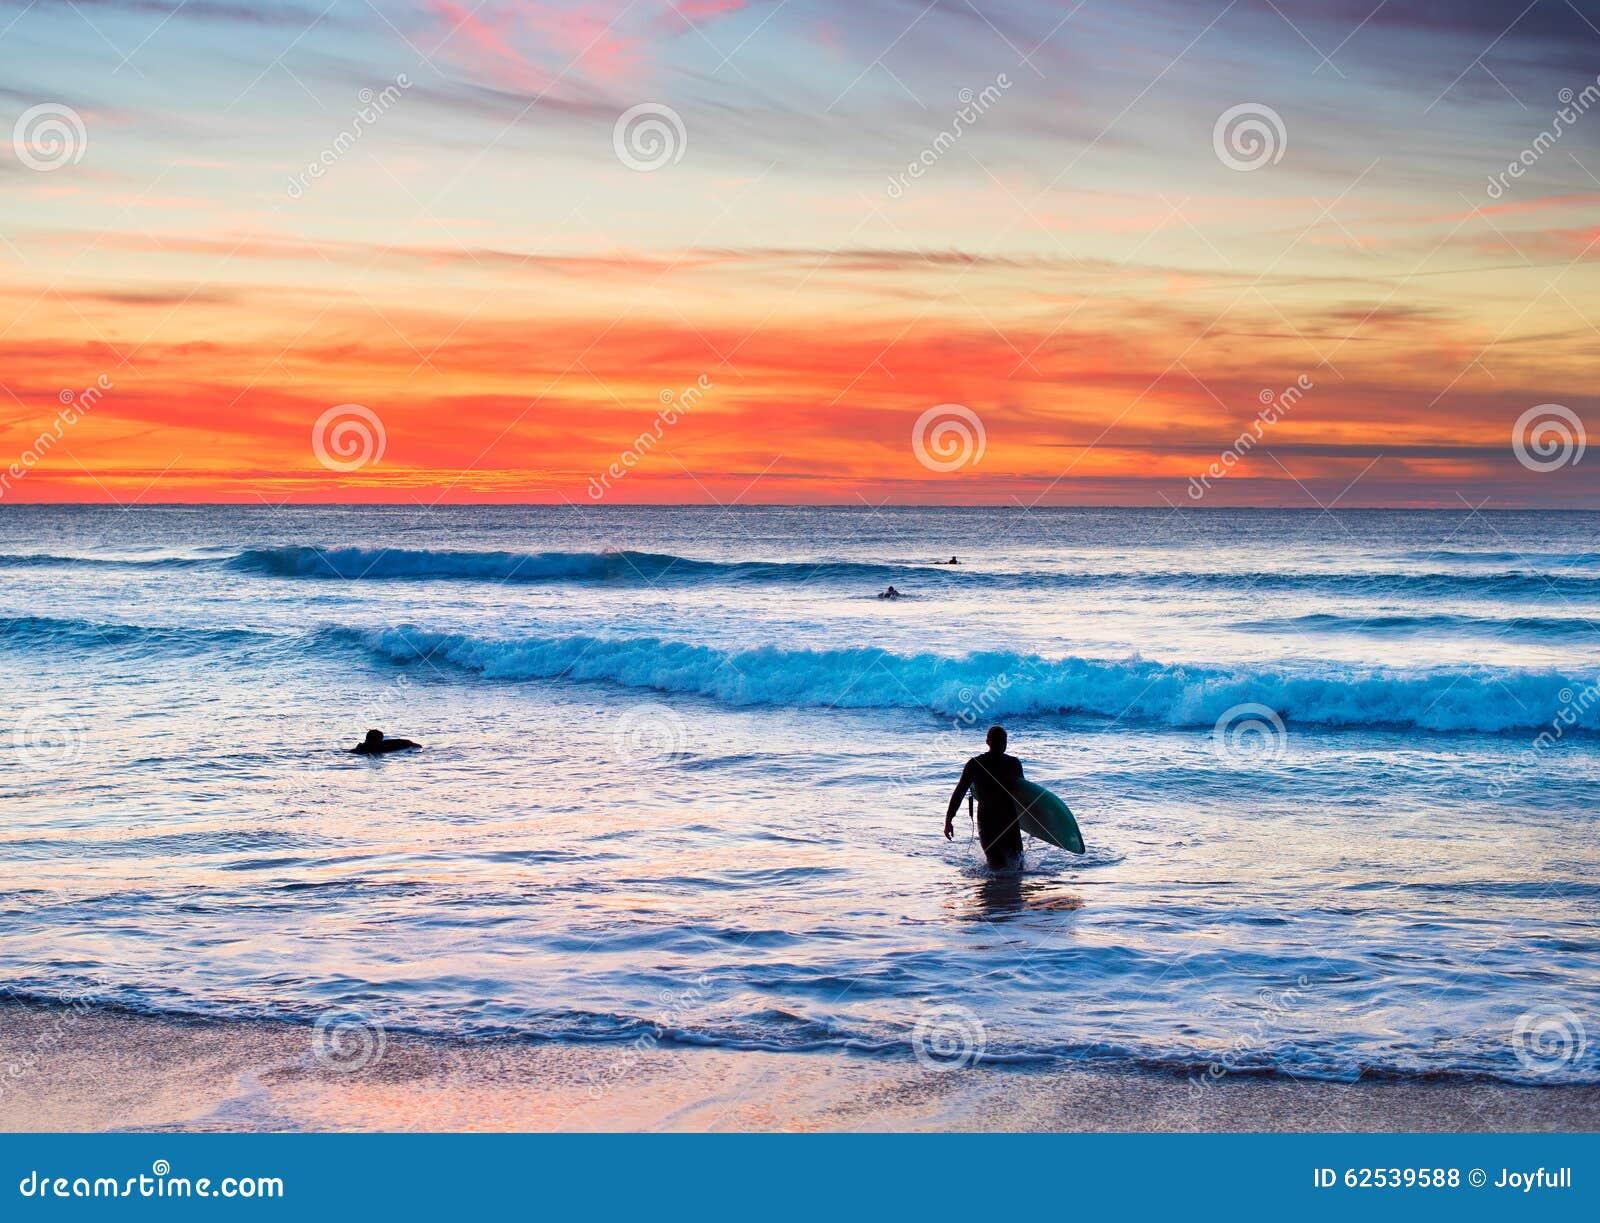 冲浪在葡萄牙海岸